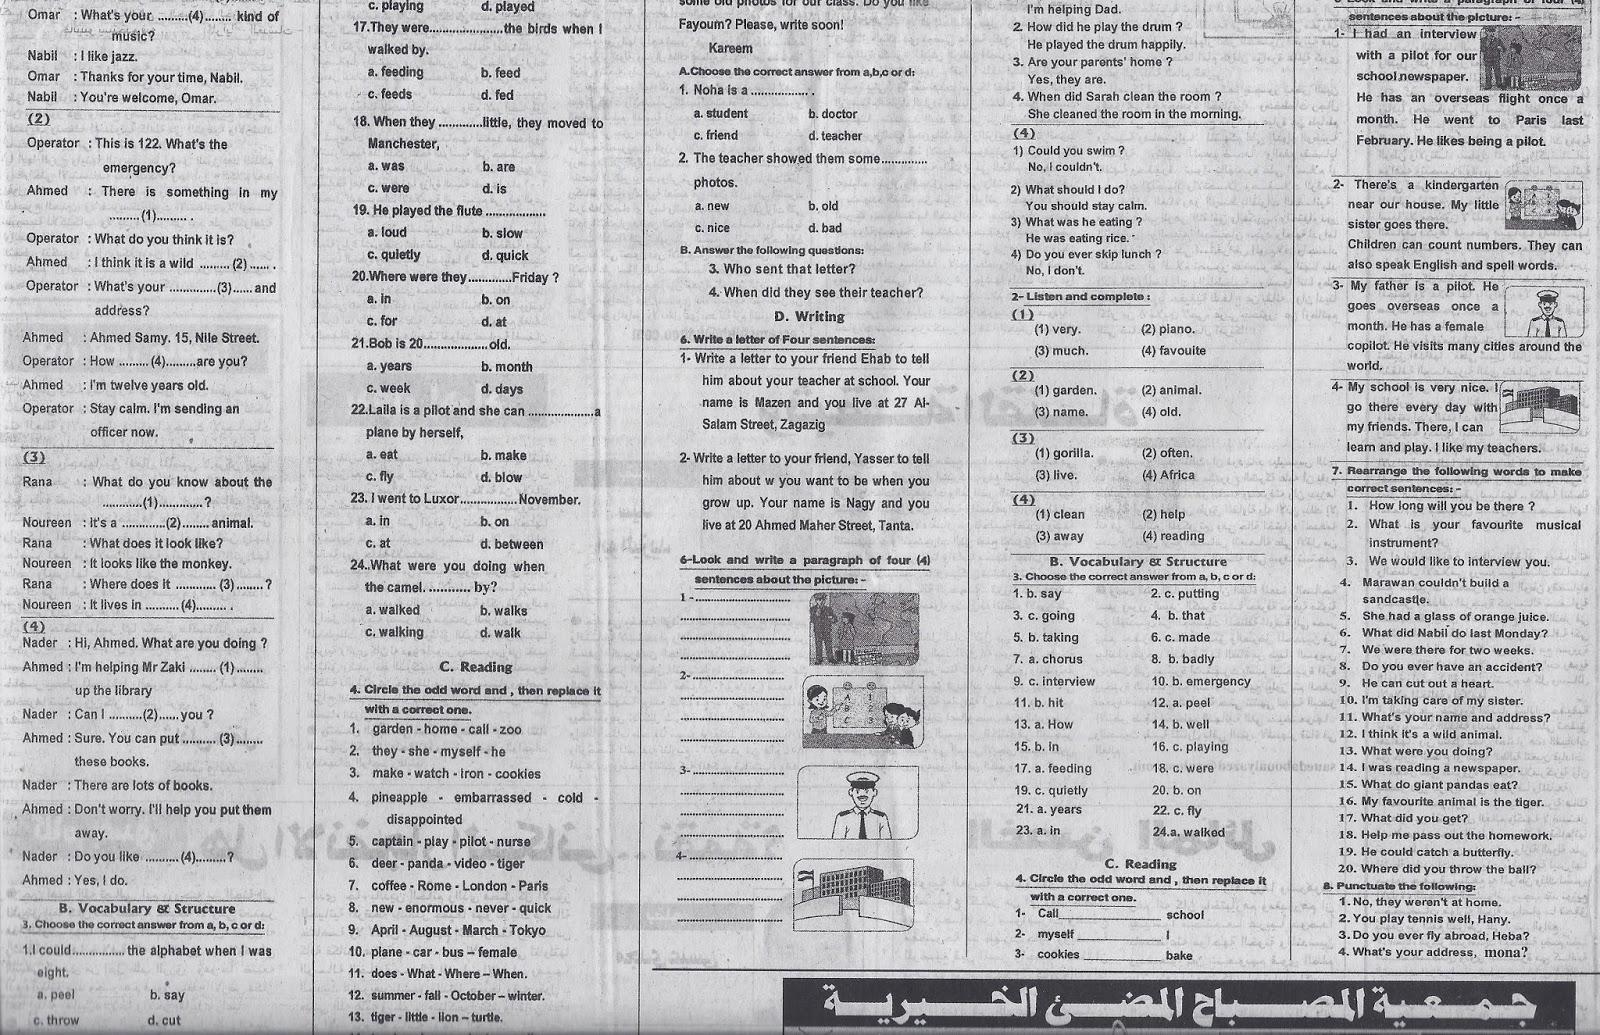 كلمة السر مراجعة ليلة الامتحان في اللغة الانجليزية للشهادة